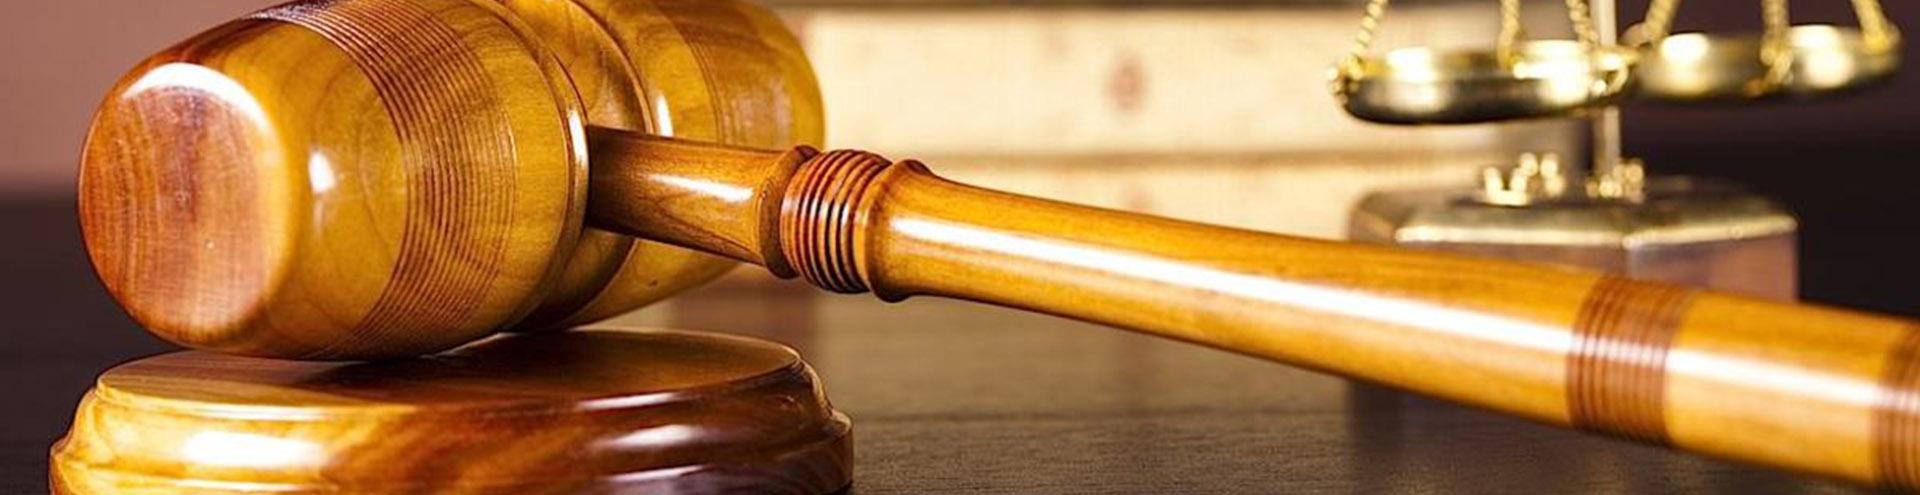 обжалование решения суда в Самаре и Самарской области